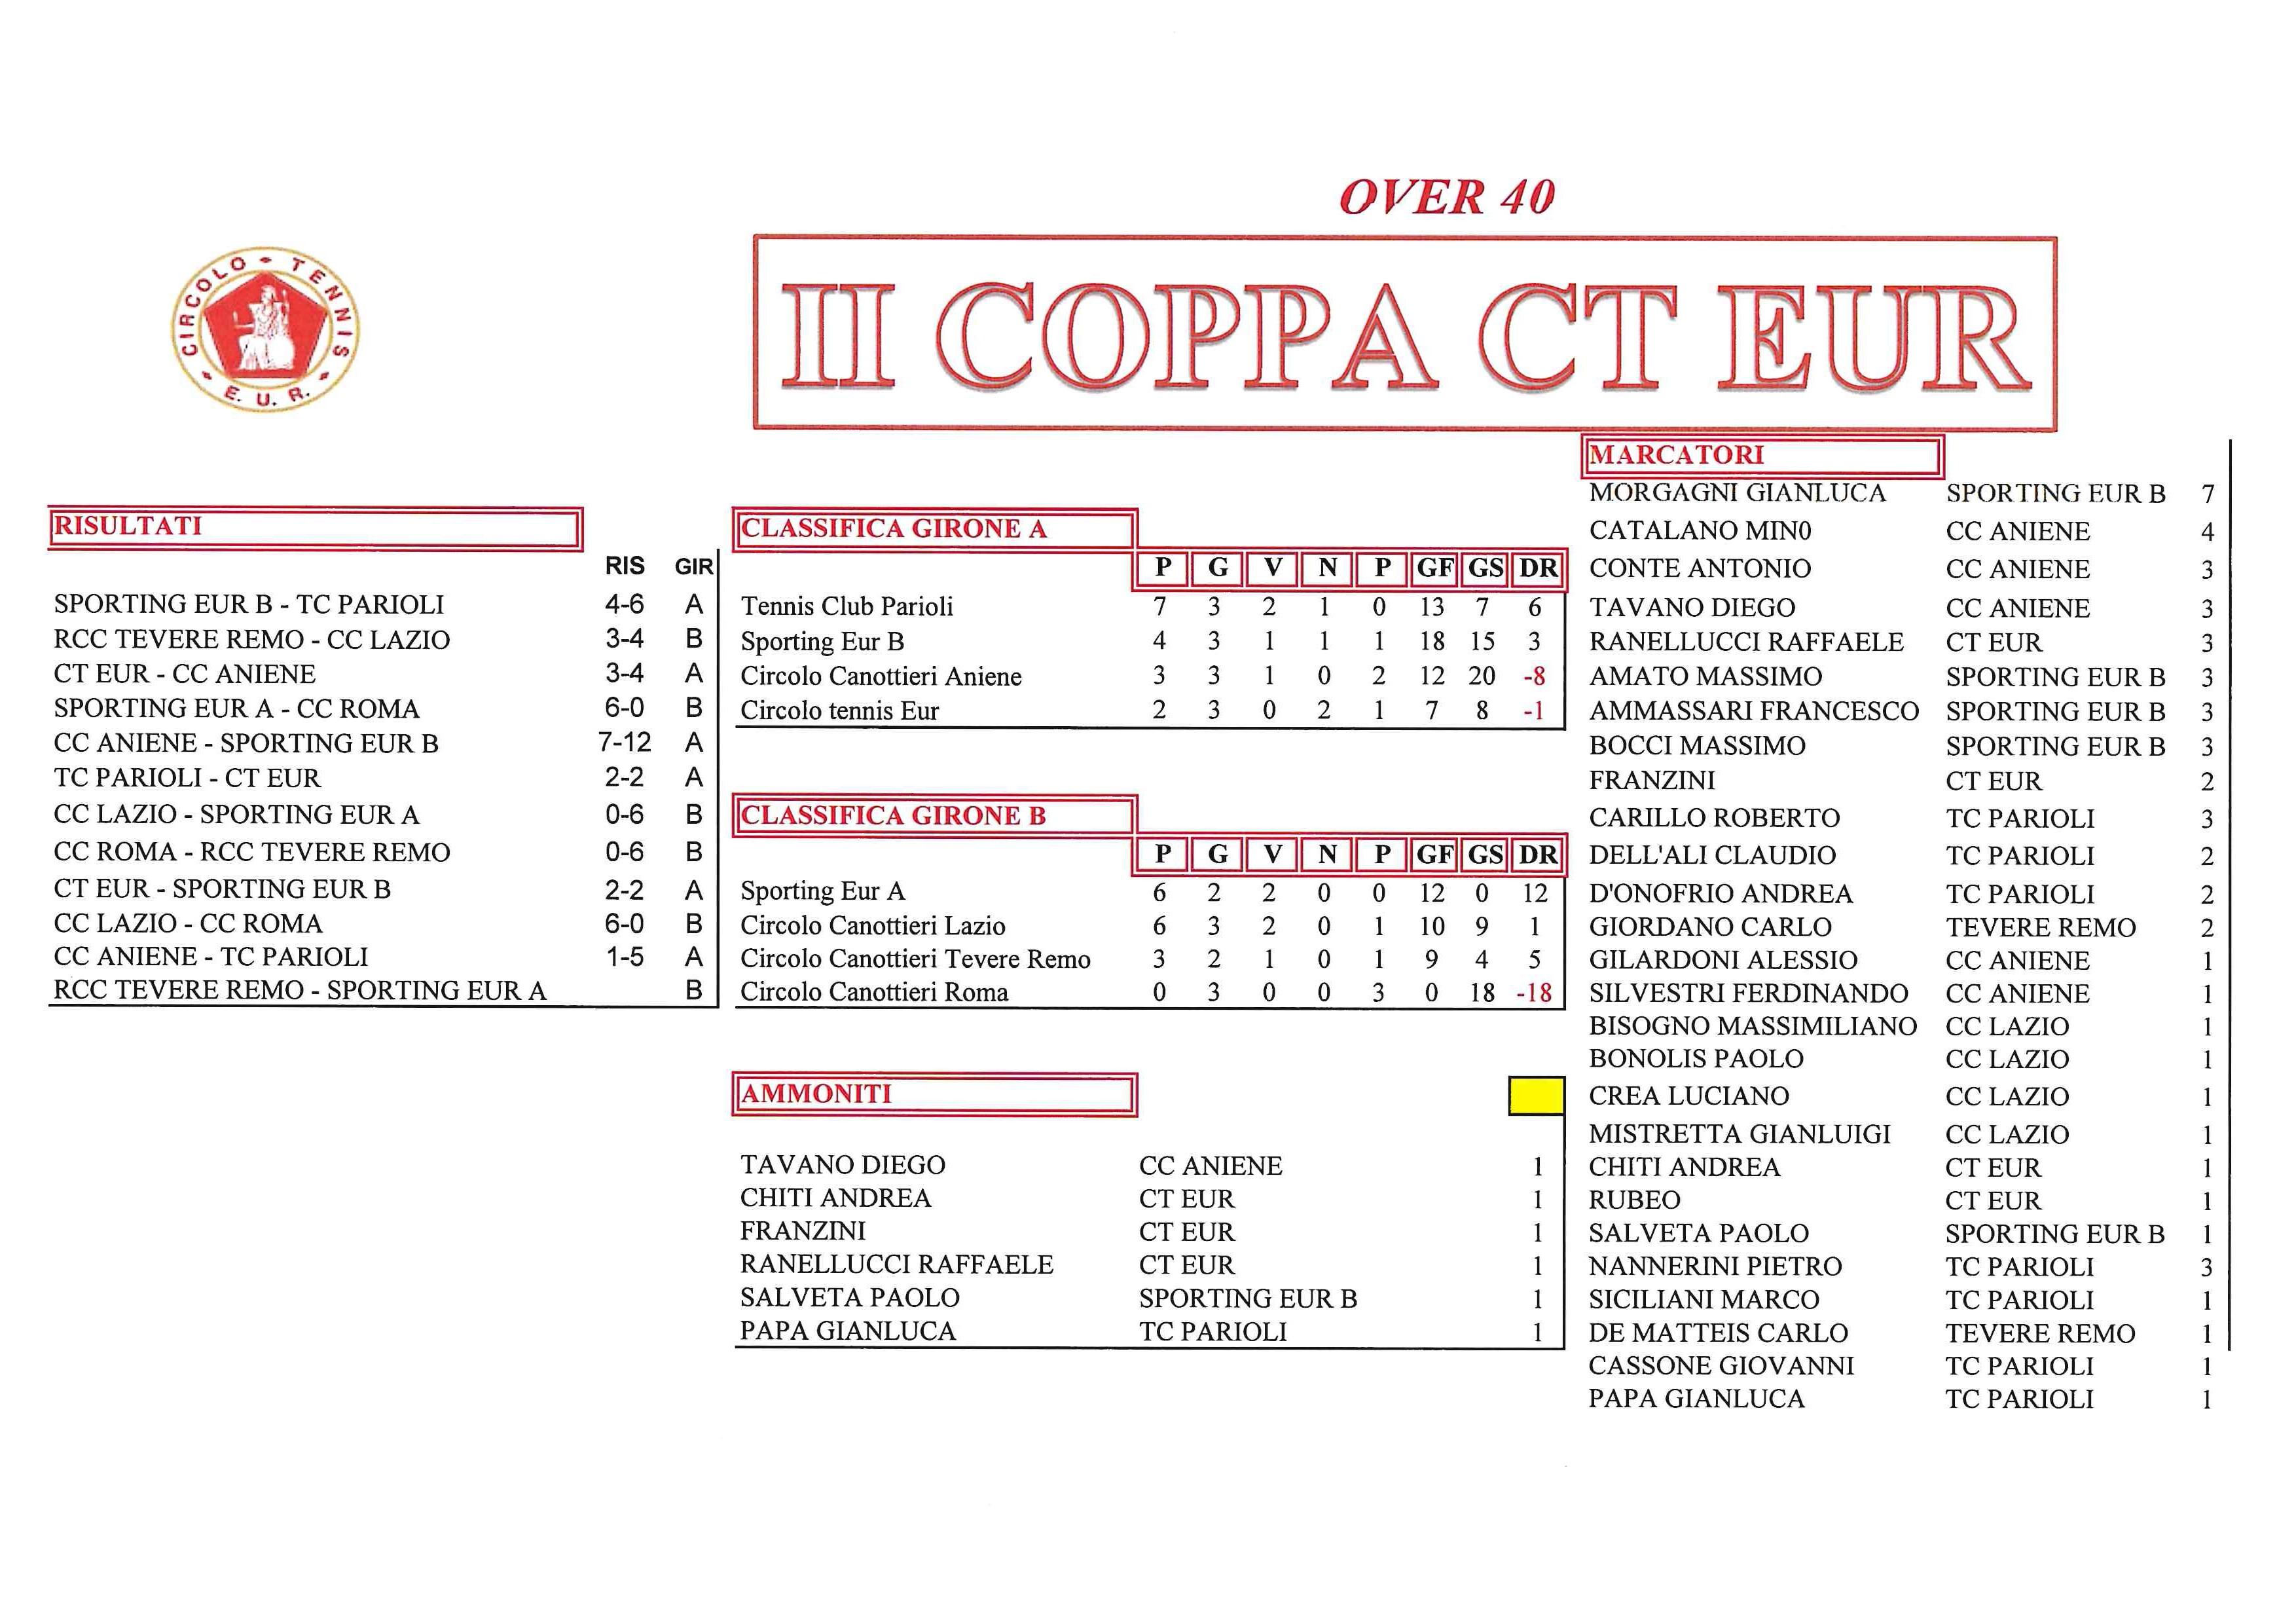 coppa-CT-Eur-risultati-del-4-ottobre-2017-Over-40